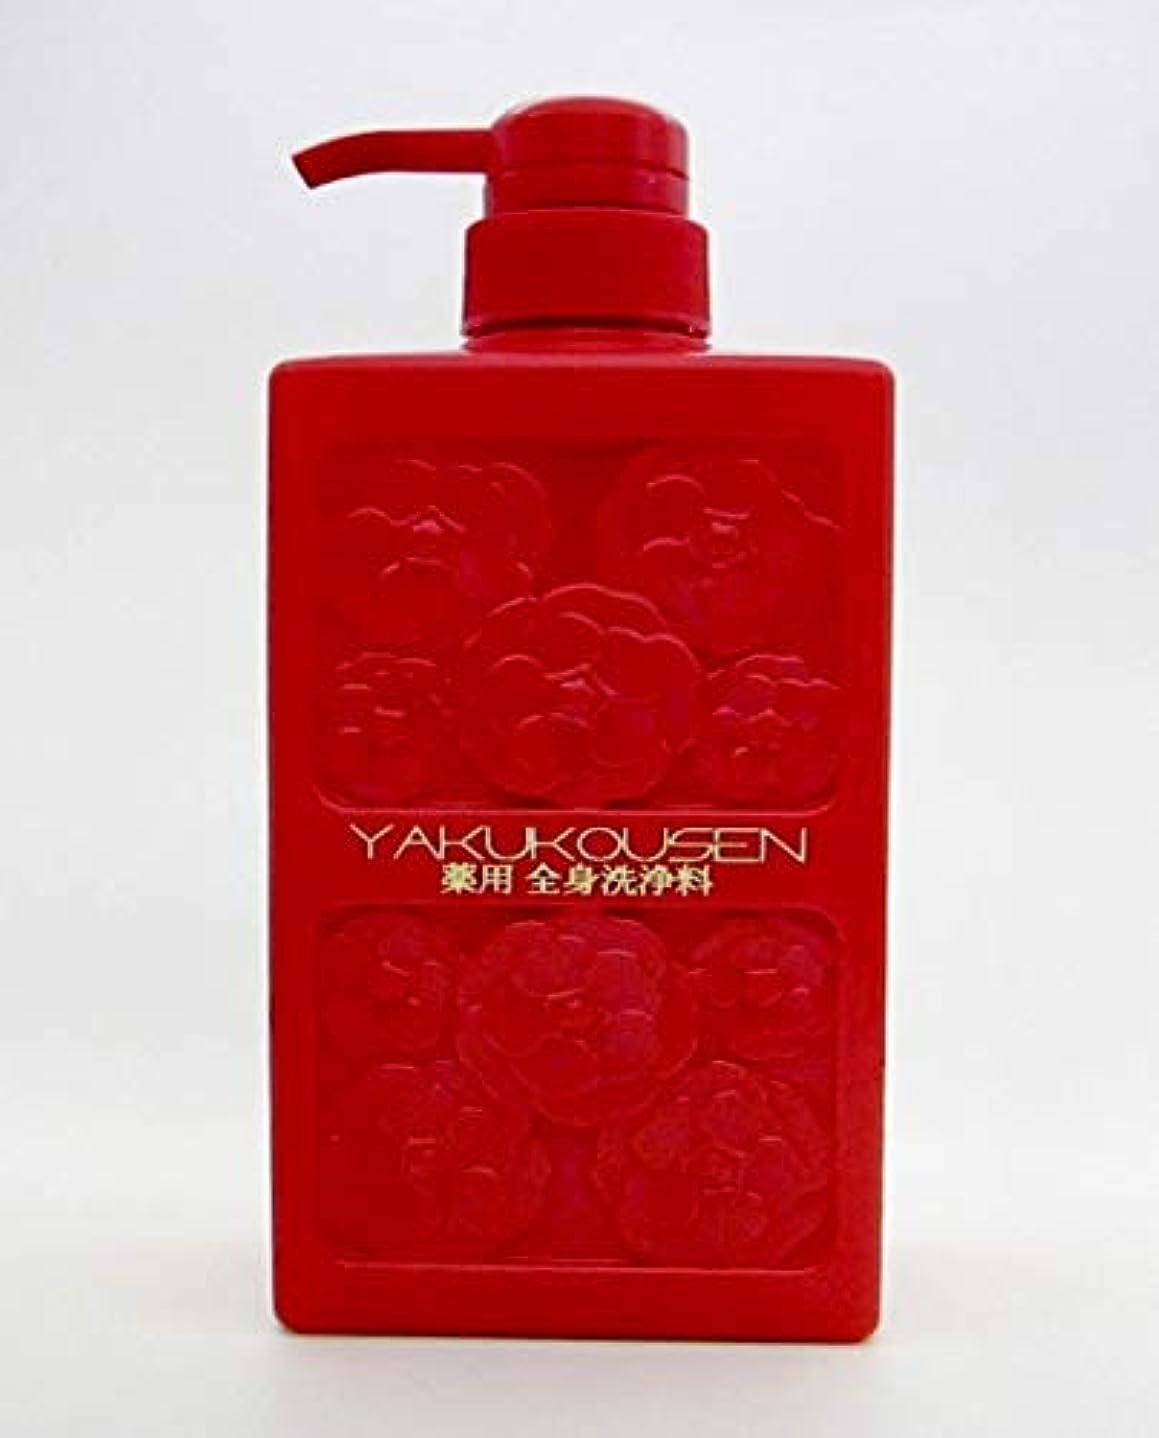 表向きドロー優雅薬酵泉 薬用全身洗浄料 生ローヤルゼリー配合 500ml 記念 赤ボトル 限定品